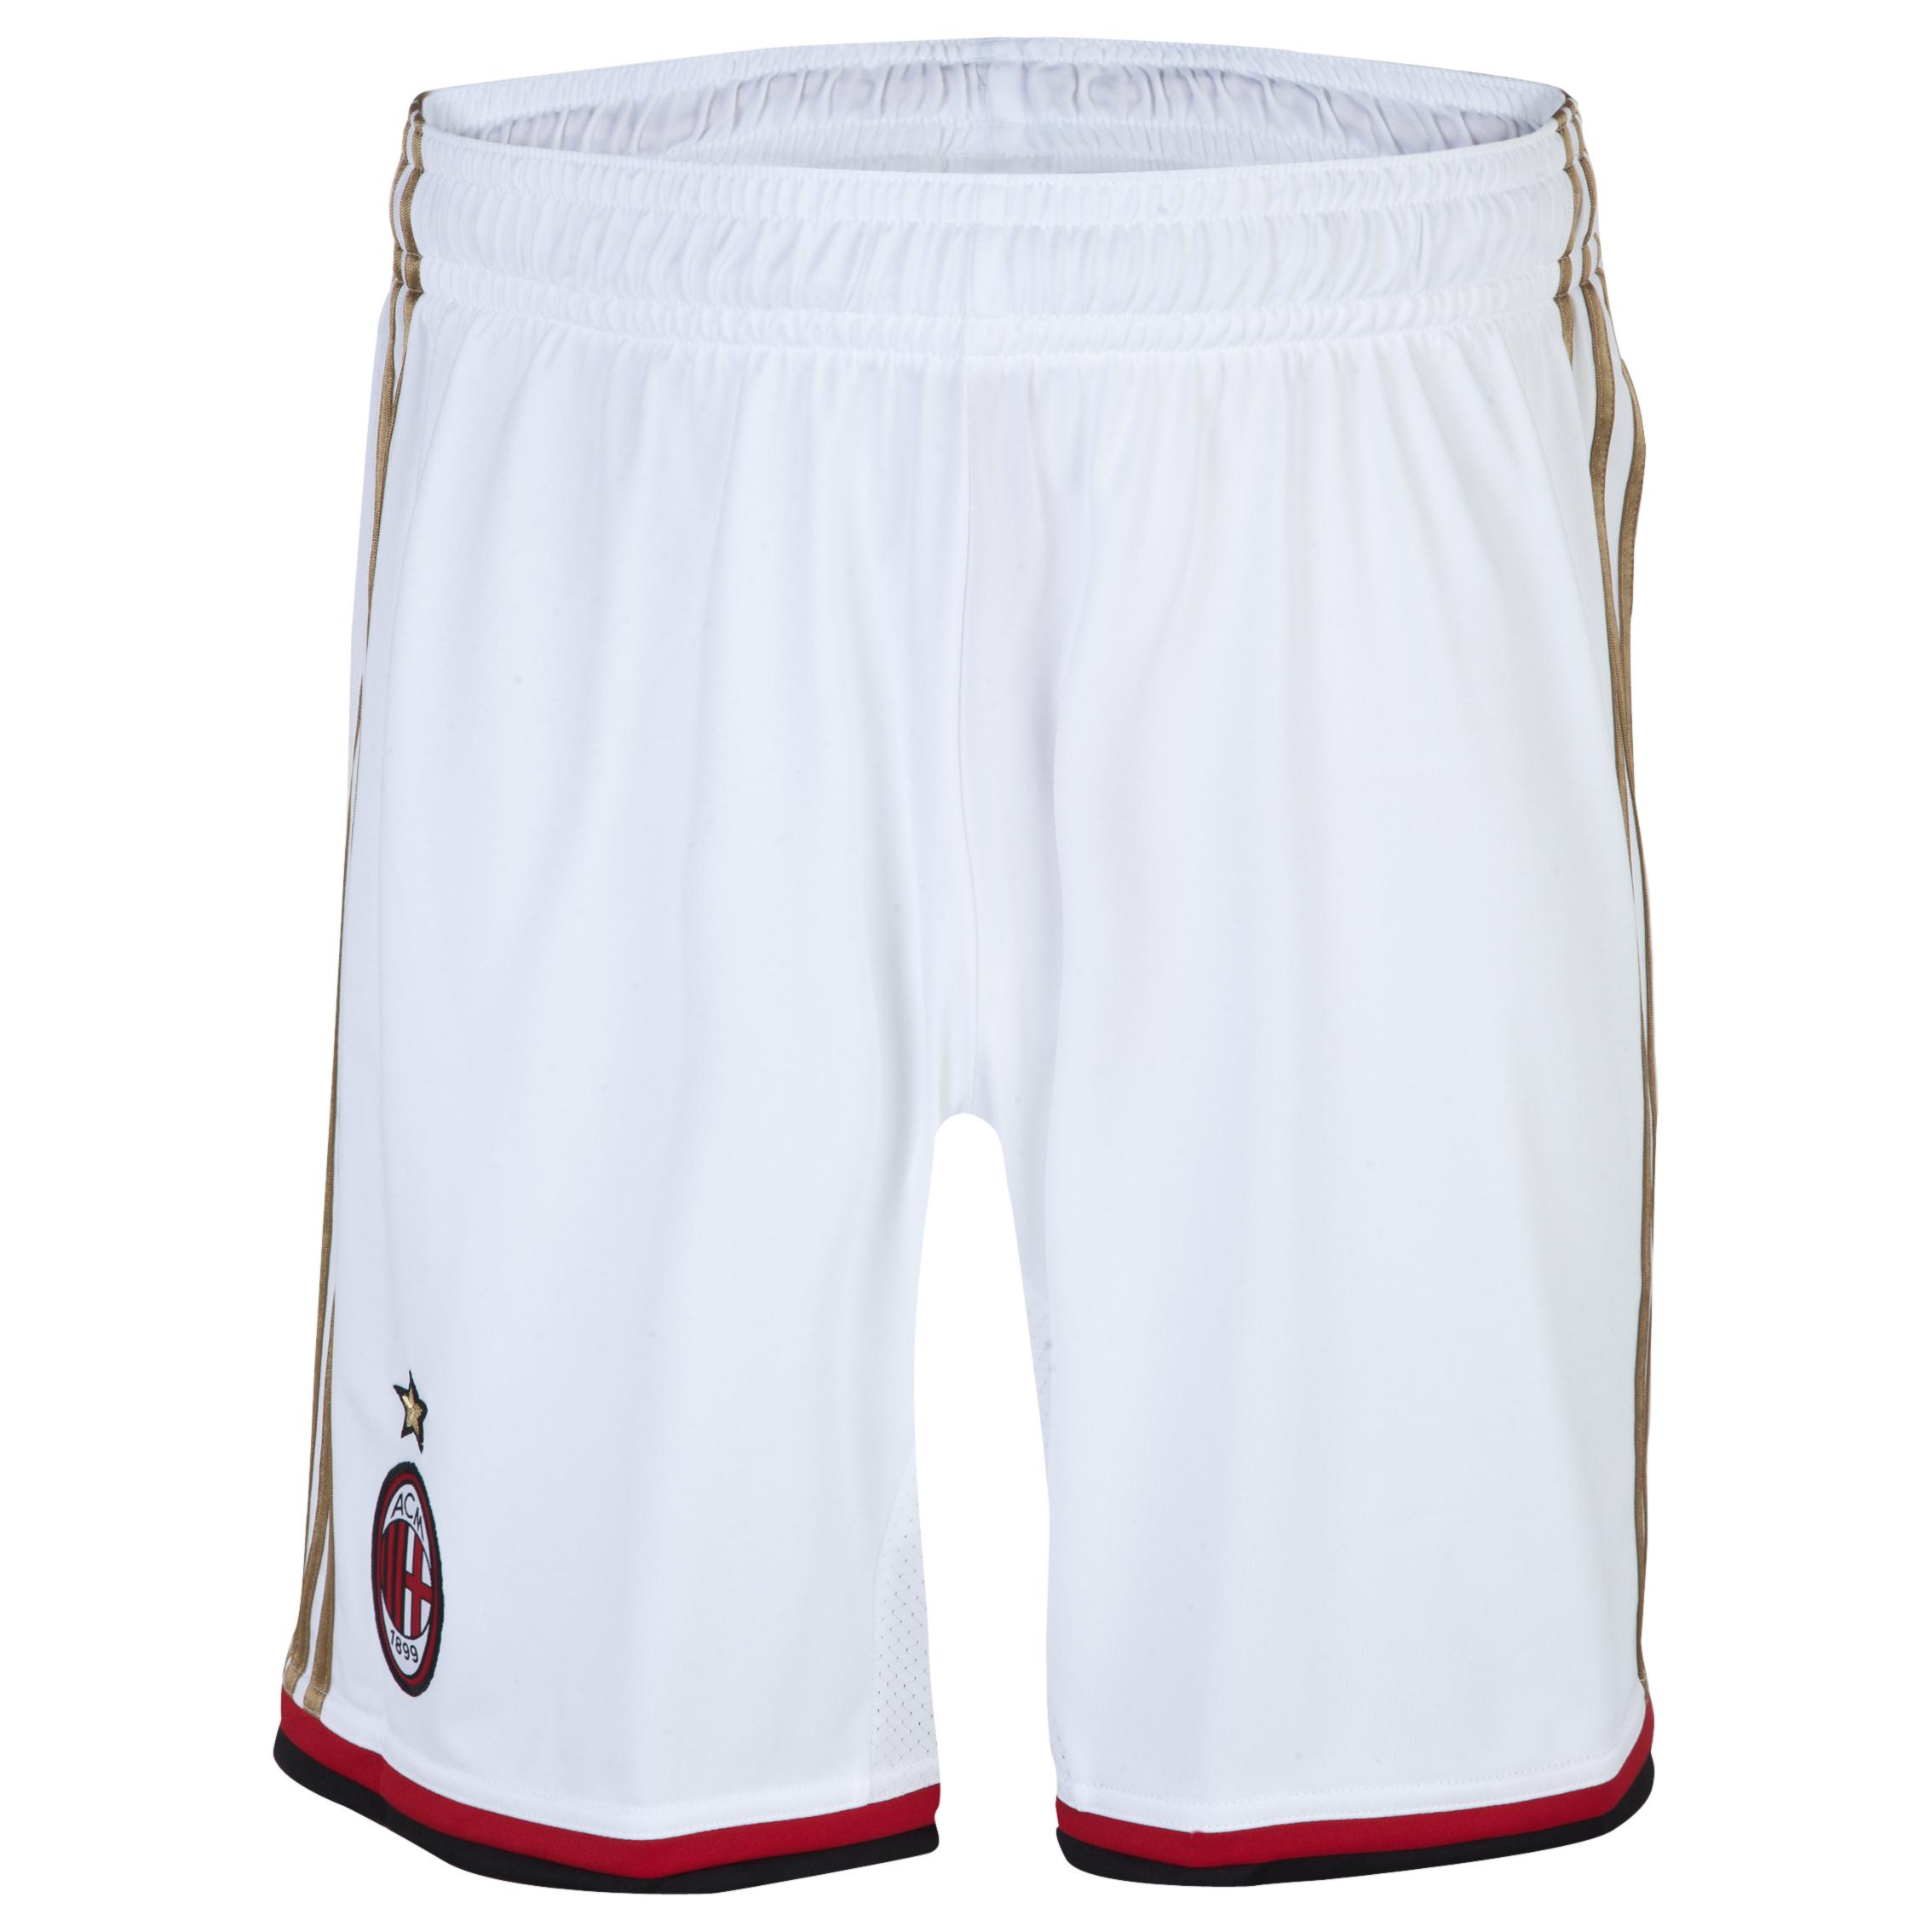 AC Milan Home/Away Shorts 2013/14